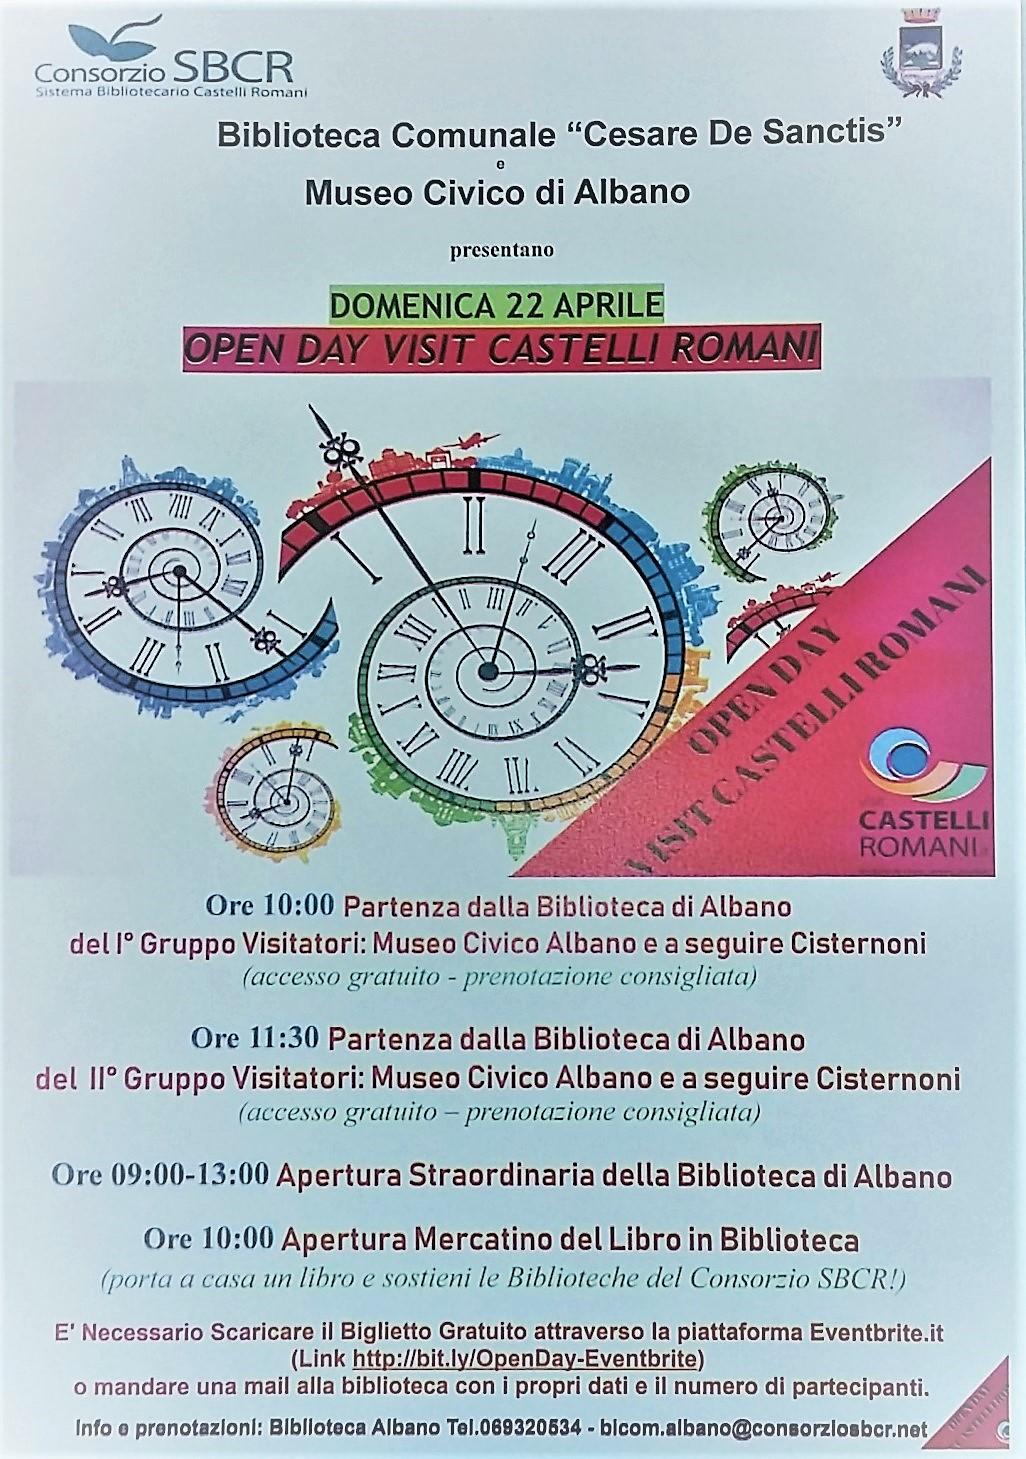 programma degli eventi organizzati ad Albano